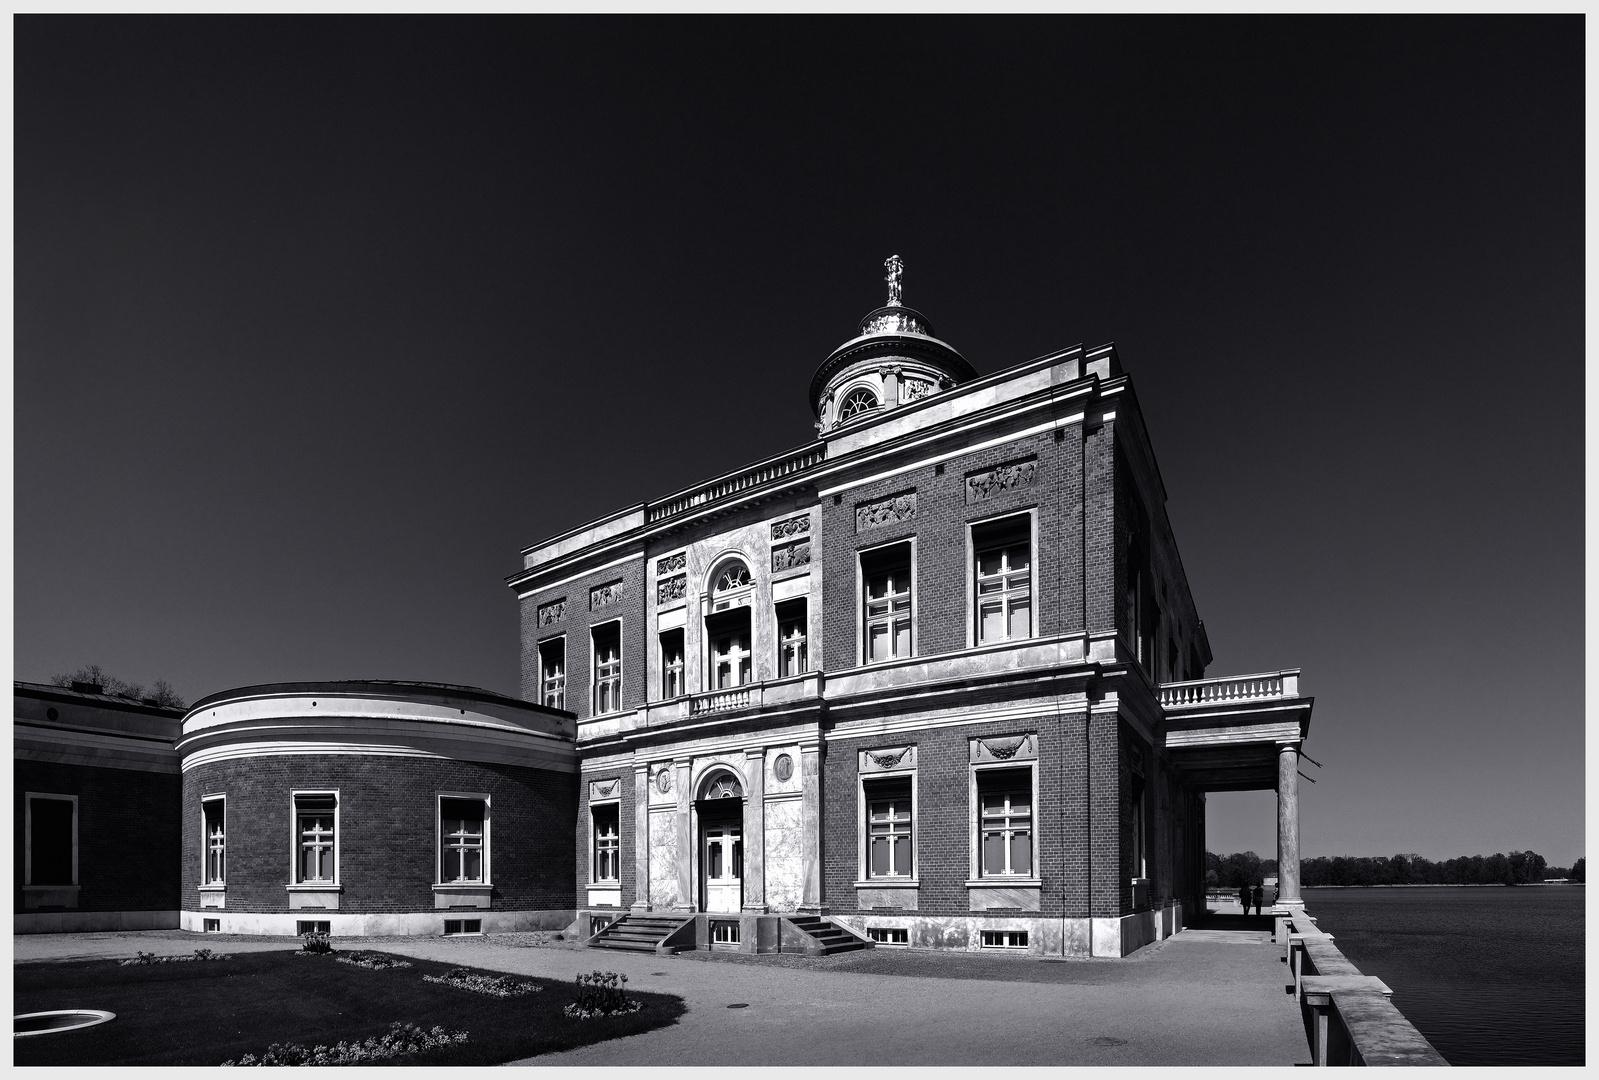 Das Marmorpalais in Potsdam #2